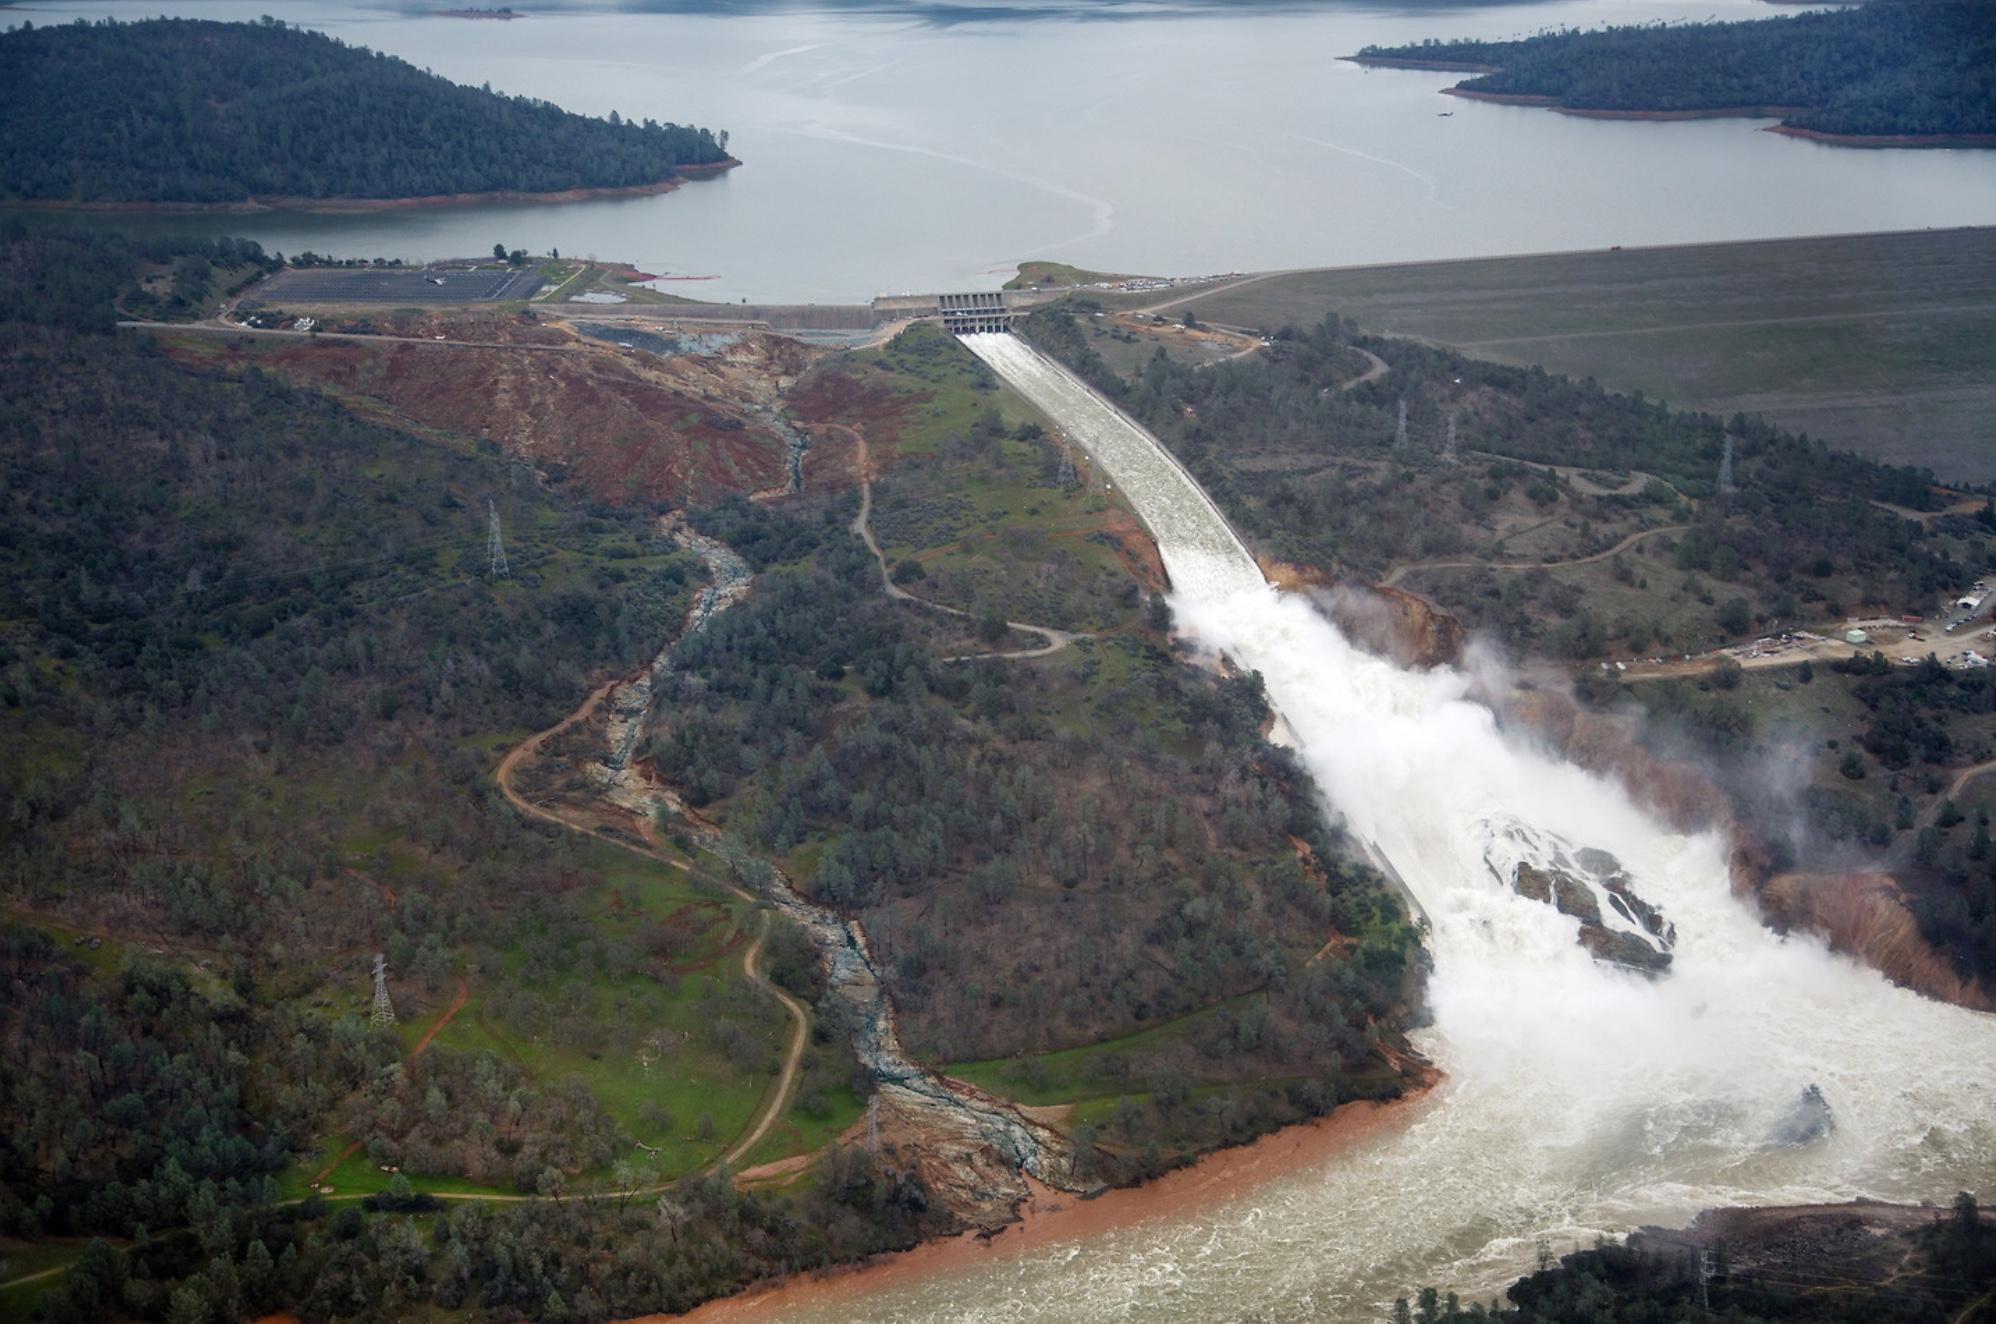 Au centre de l'image, l'évacuateur principal endommagé. À gauche, on voit le sillon creusé par l'eau s'étant écoulé de l'évacuateur de secours